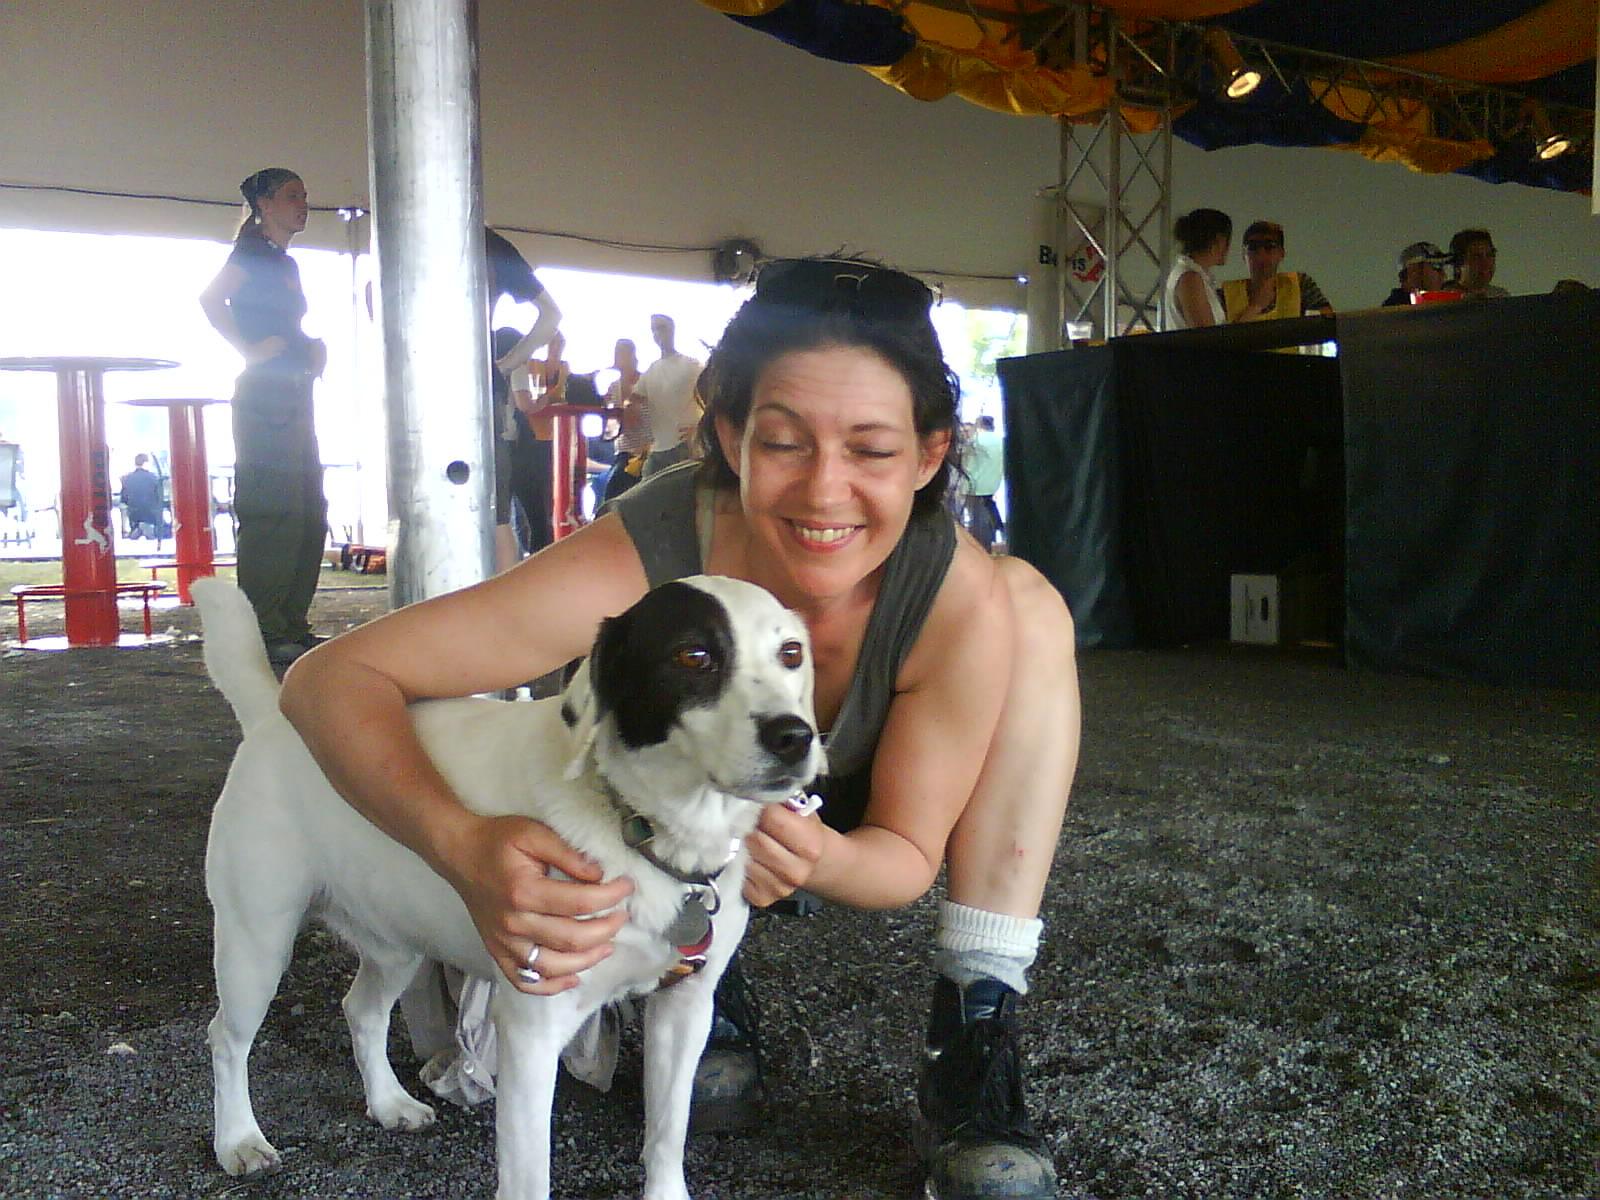 Saku et sa nourricière du Cirque du Soleil, 16 juin 2009, Montréal.